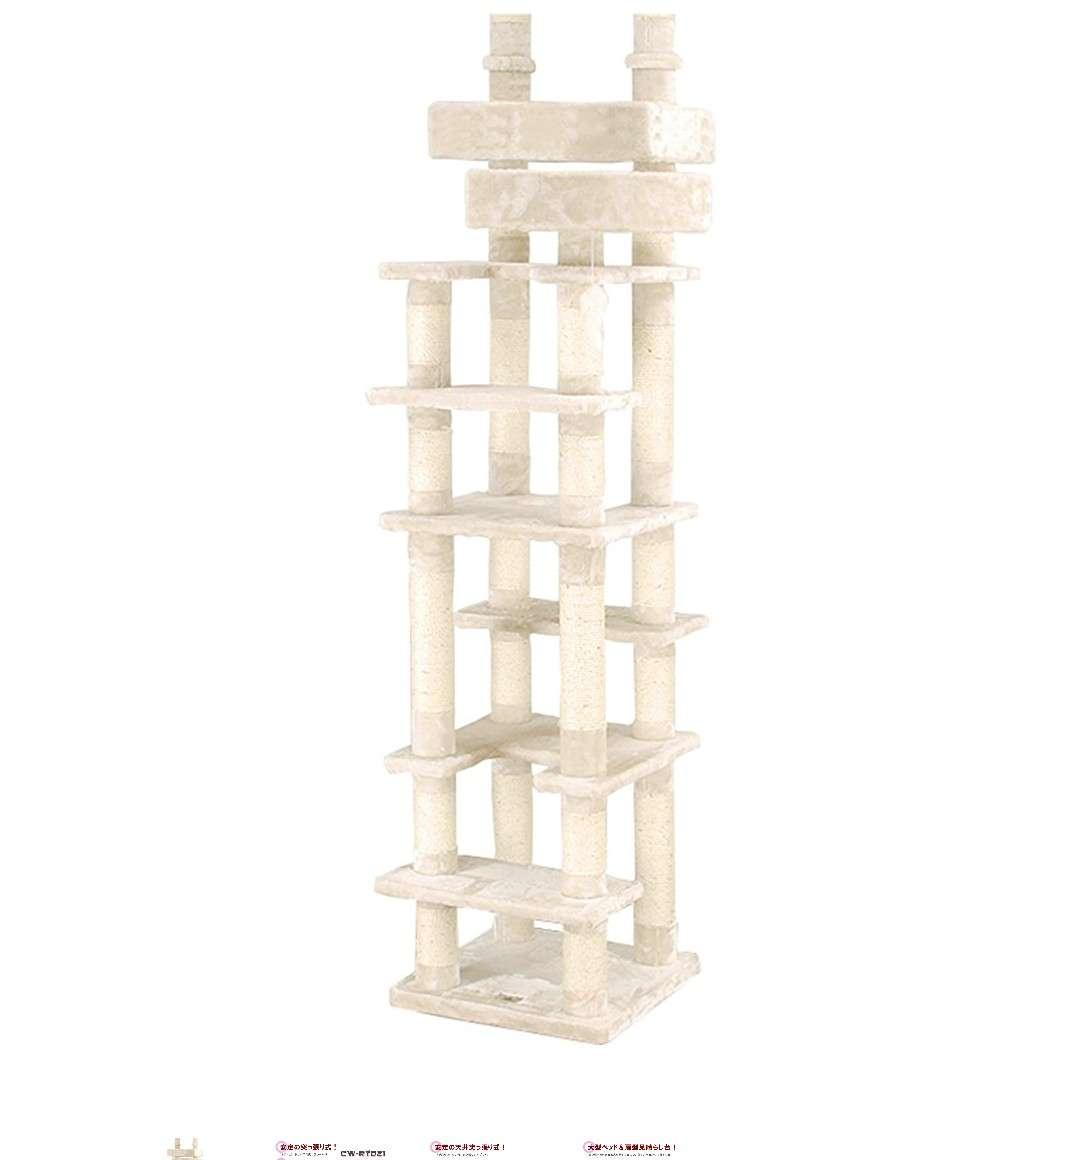 キャットタワーは据え置きと突っ張りどちらを置いてますか?